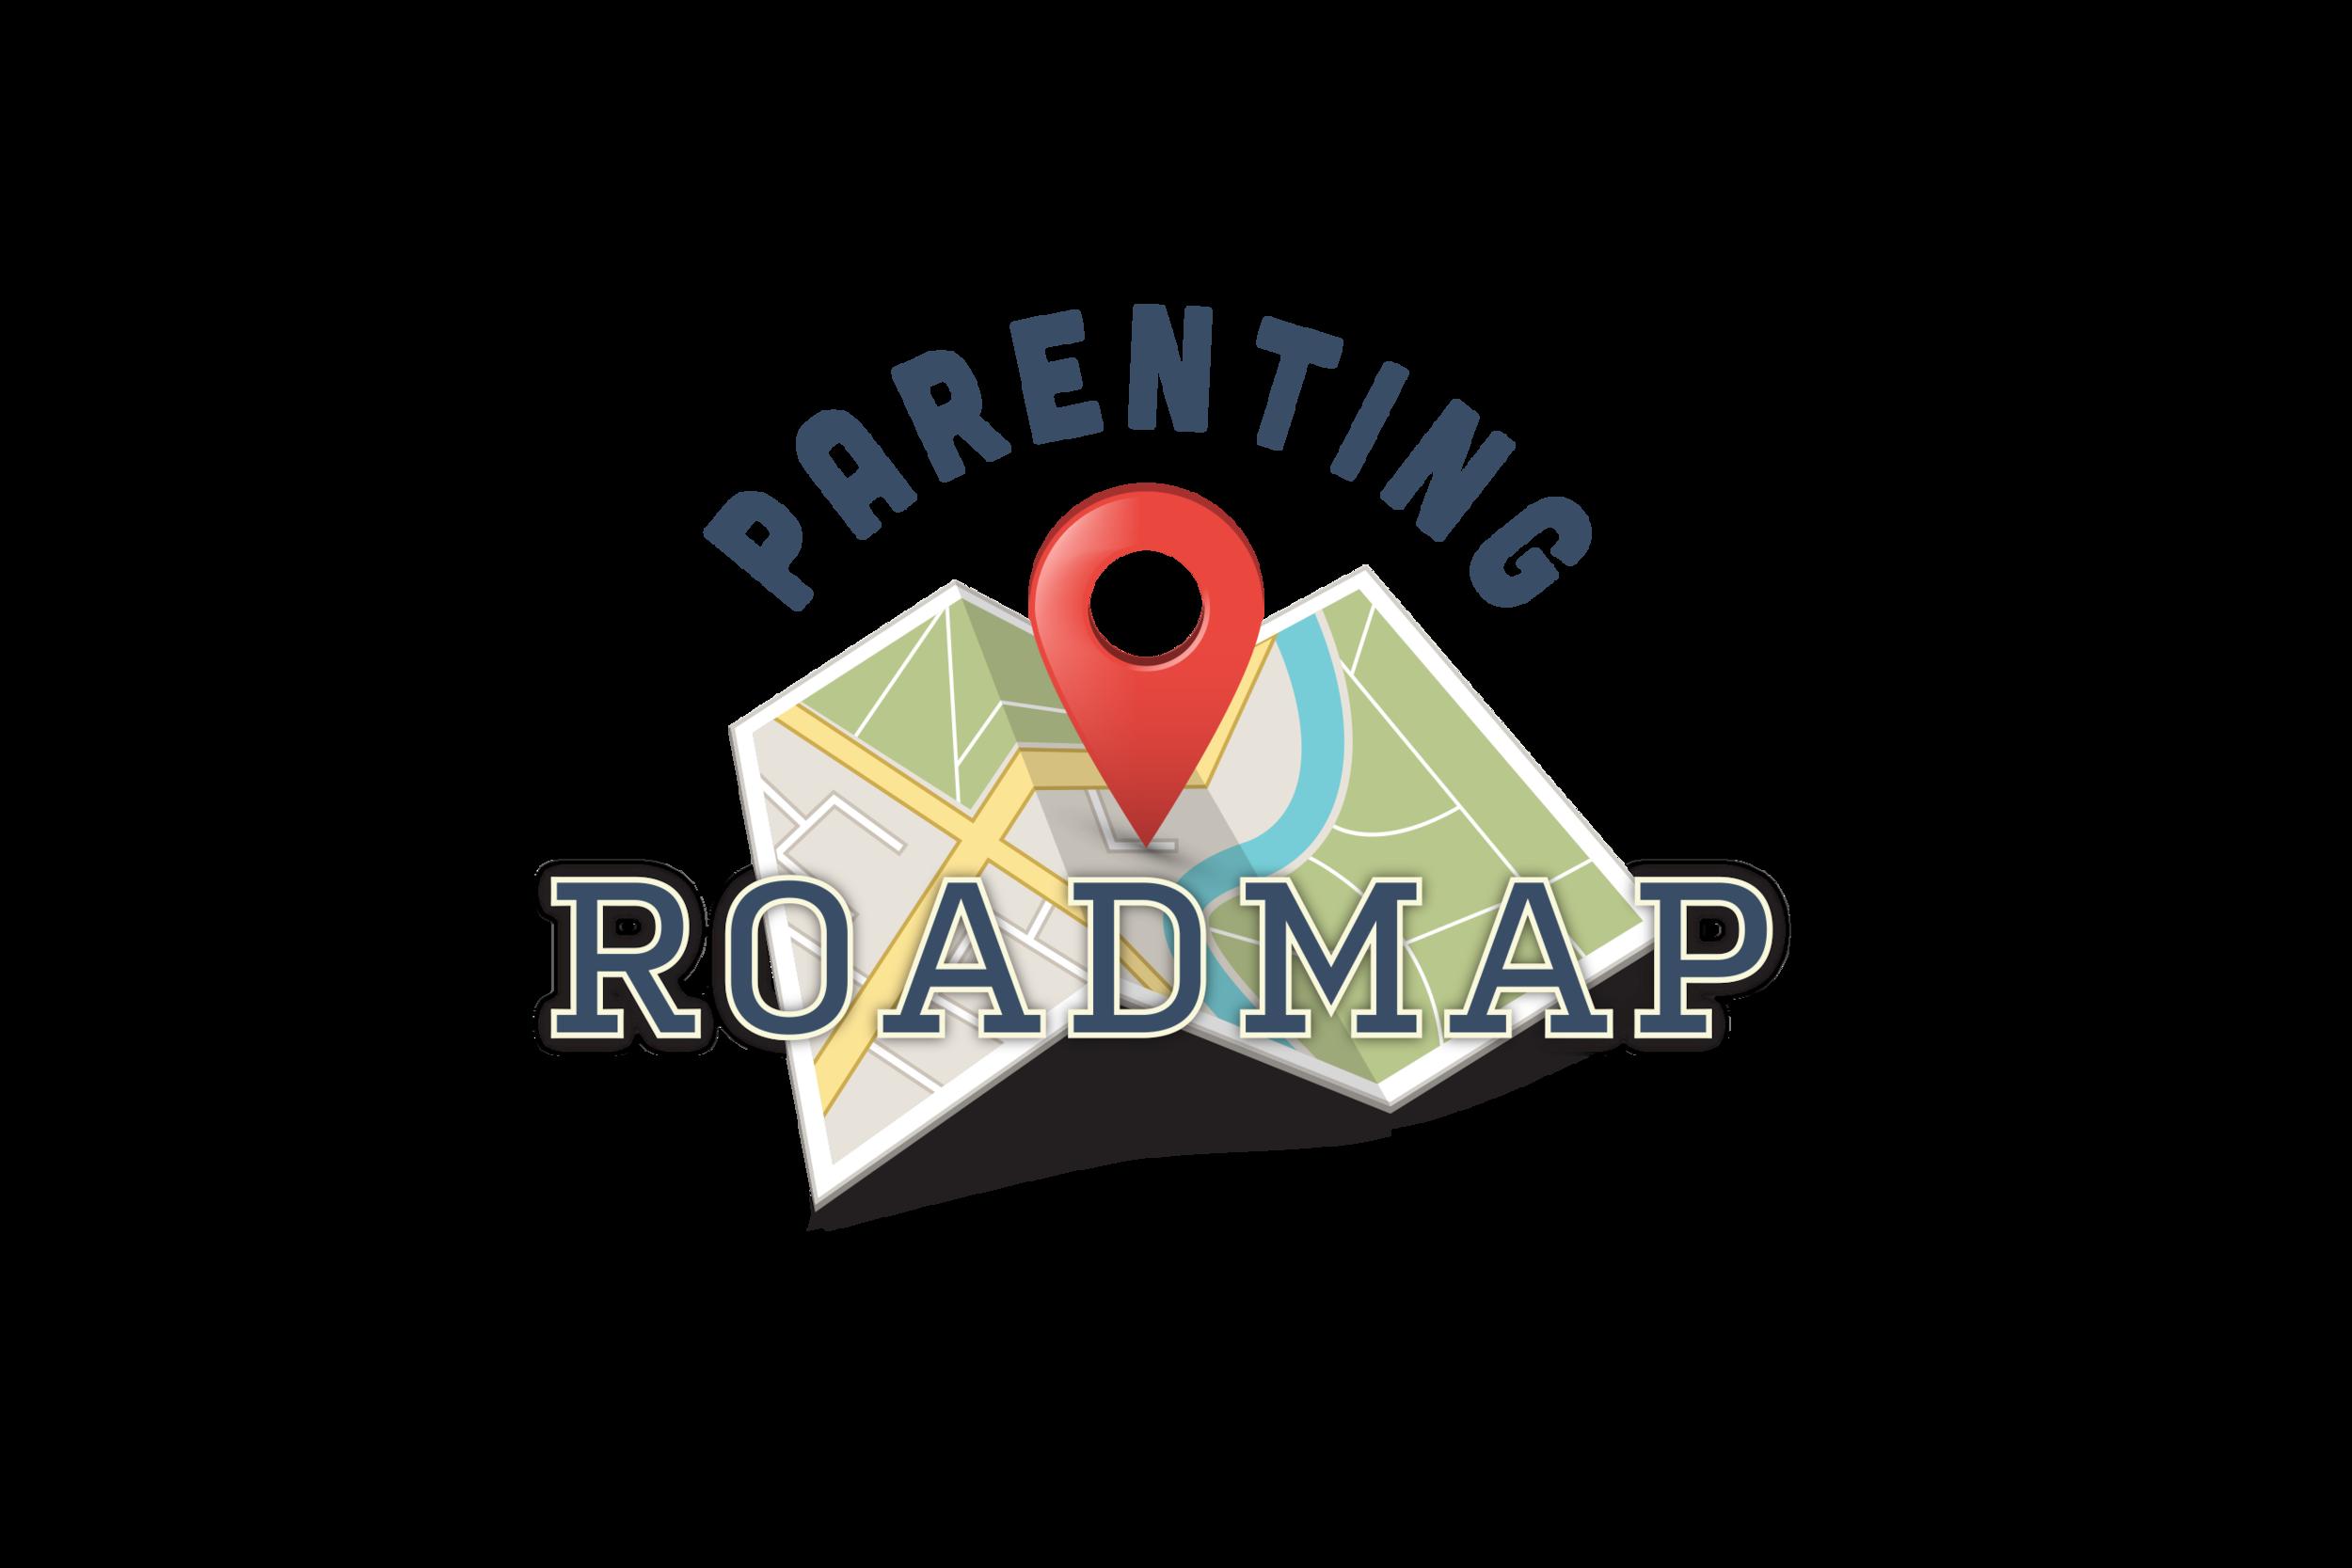 Parenting-Roadmap_logo_wide.png